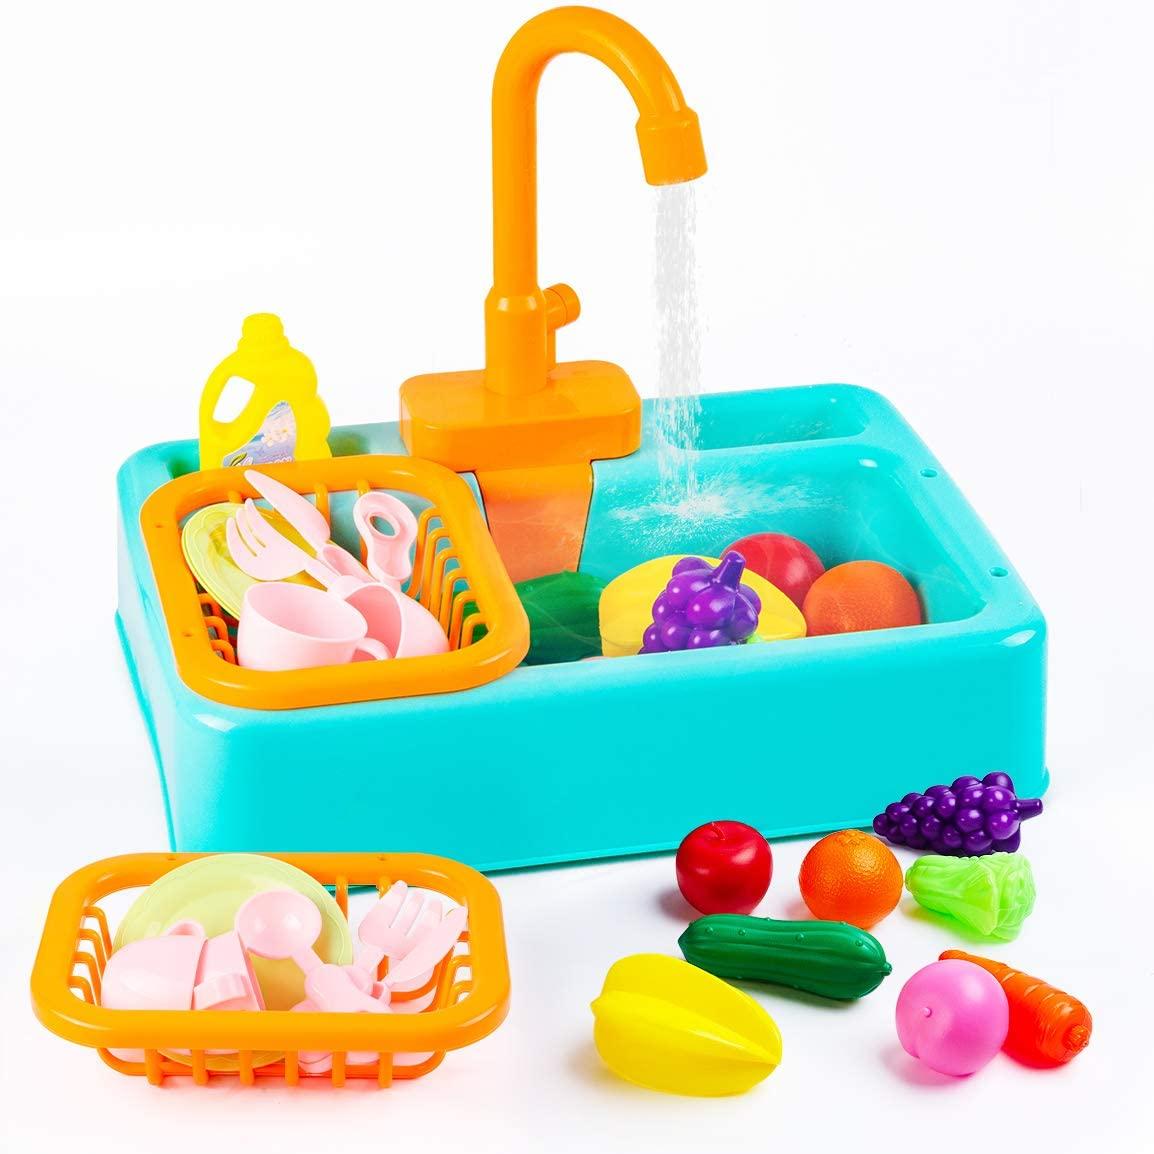 amazon pretend kitchen sink toy